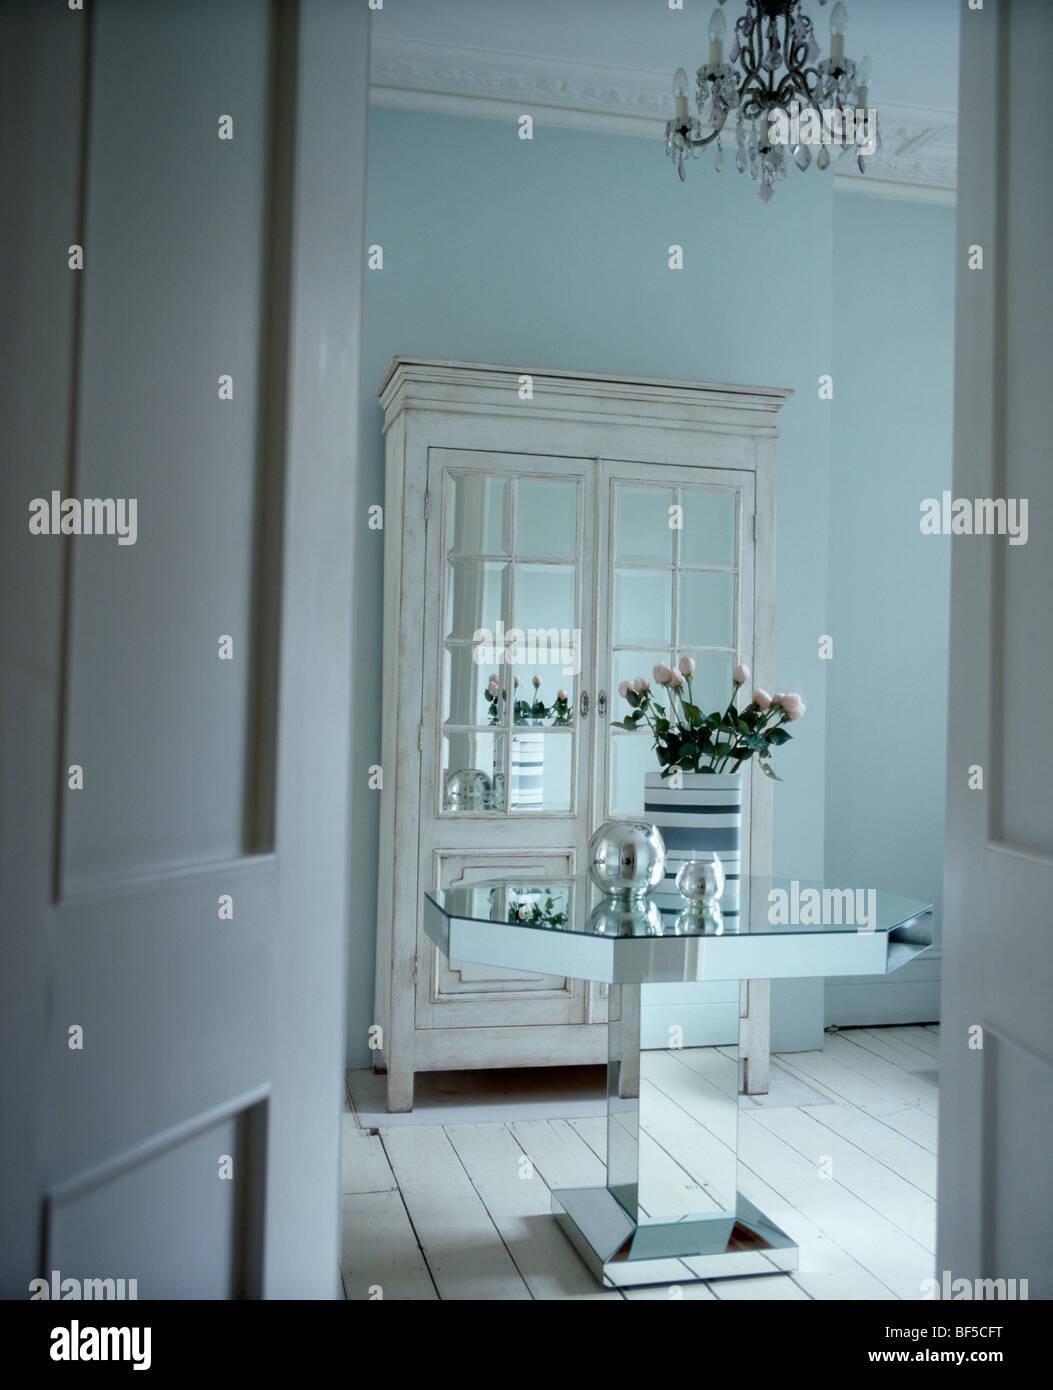 Tur Offen Fur Spiegelglas Tisch Und Weissen Schrank Mit Glasturen In